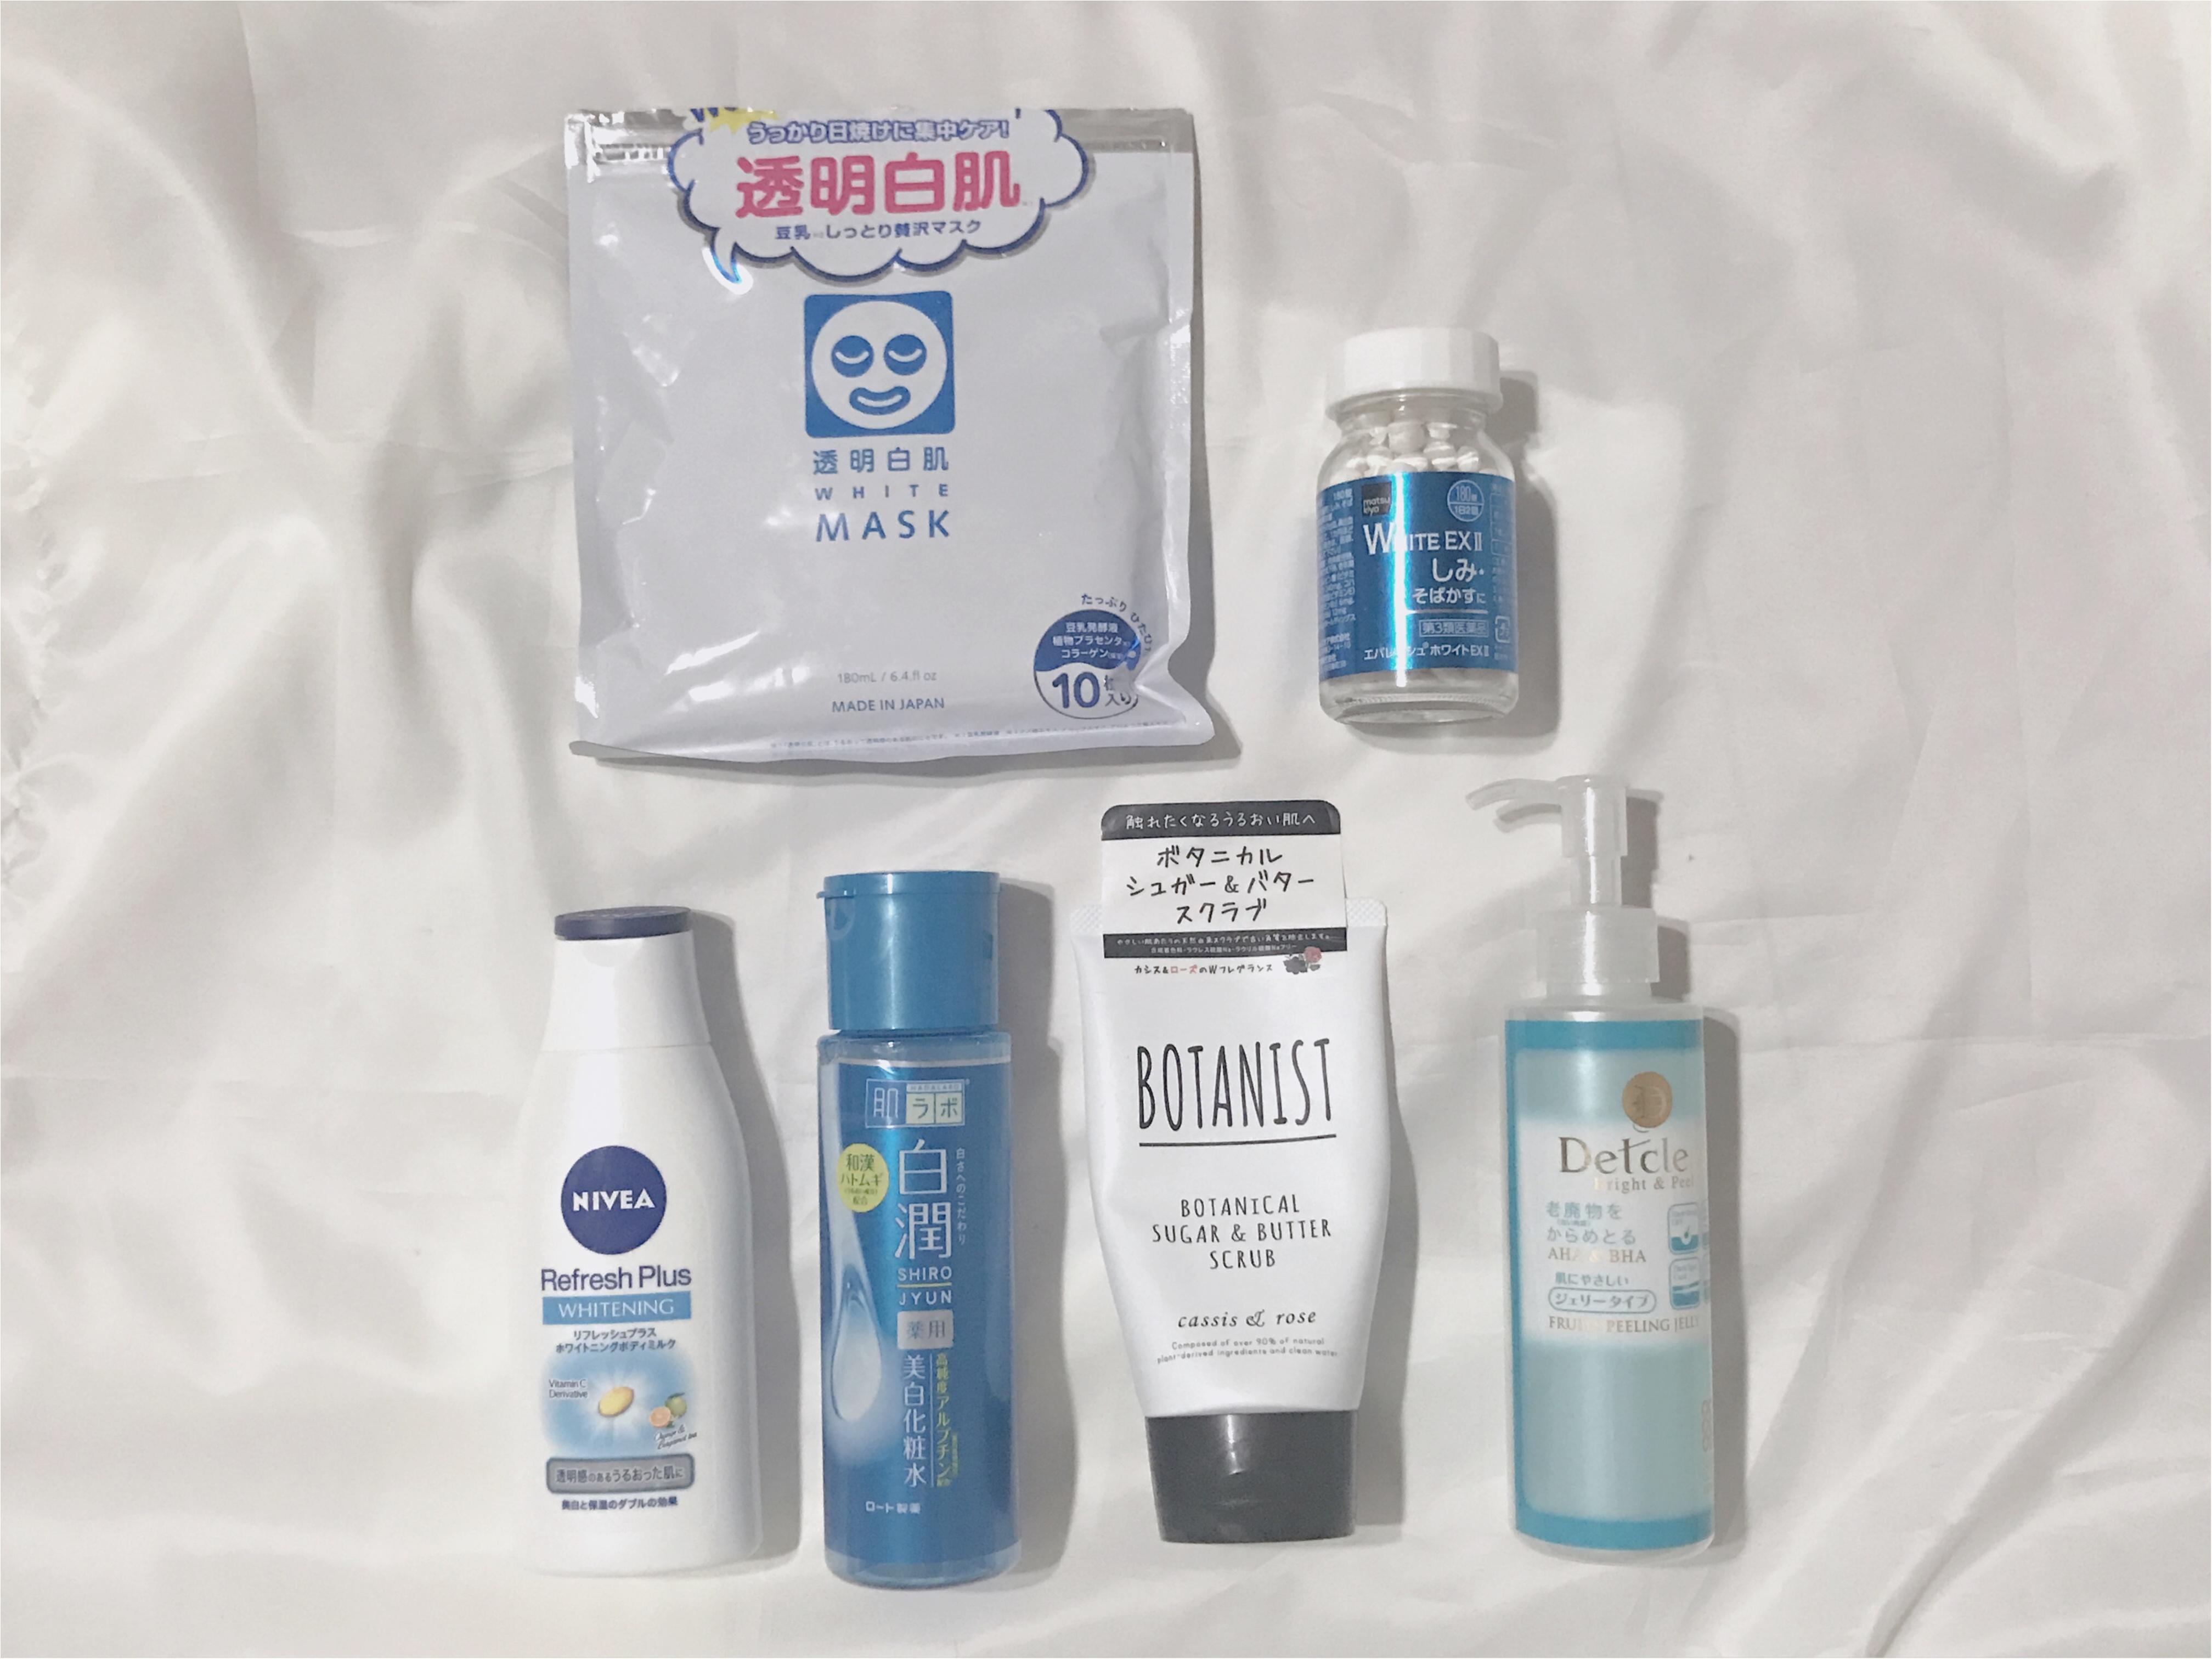 美白化粧品特集 - シミやくすみ対策・肌の透明感アップが期待できるコスメは? 記事Photo Gallery_1_31